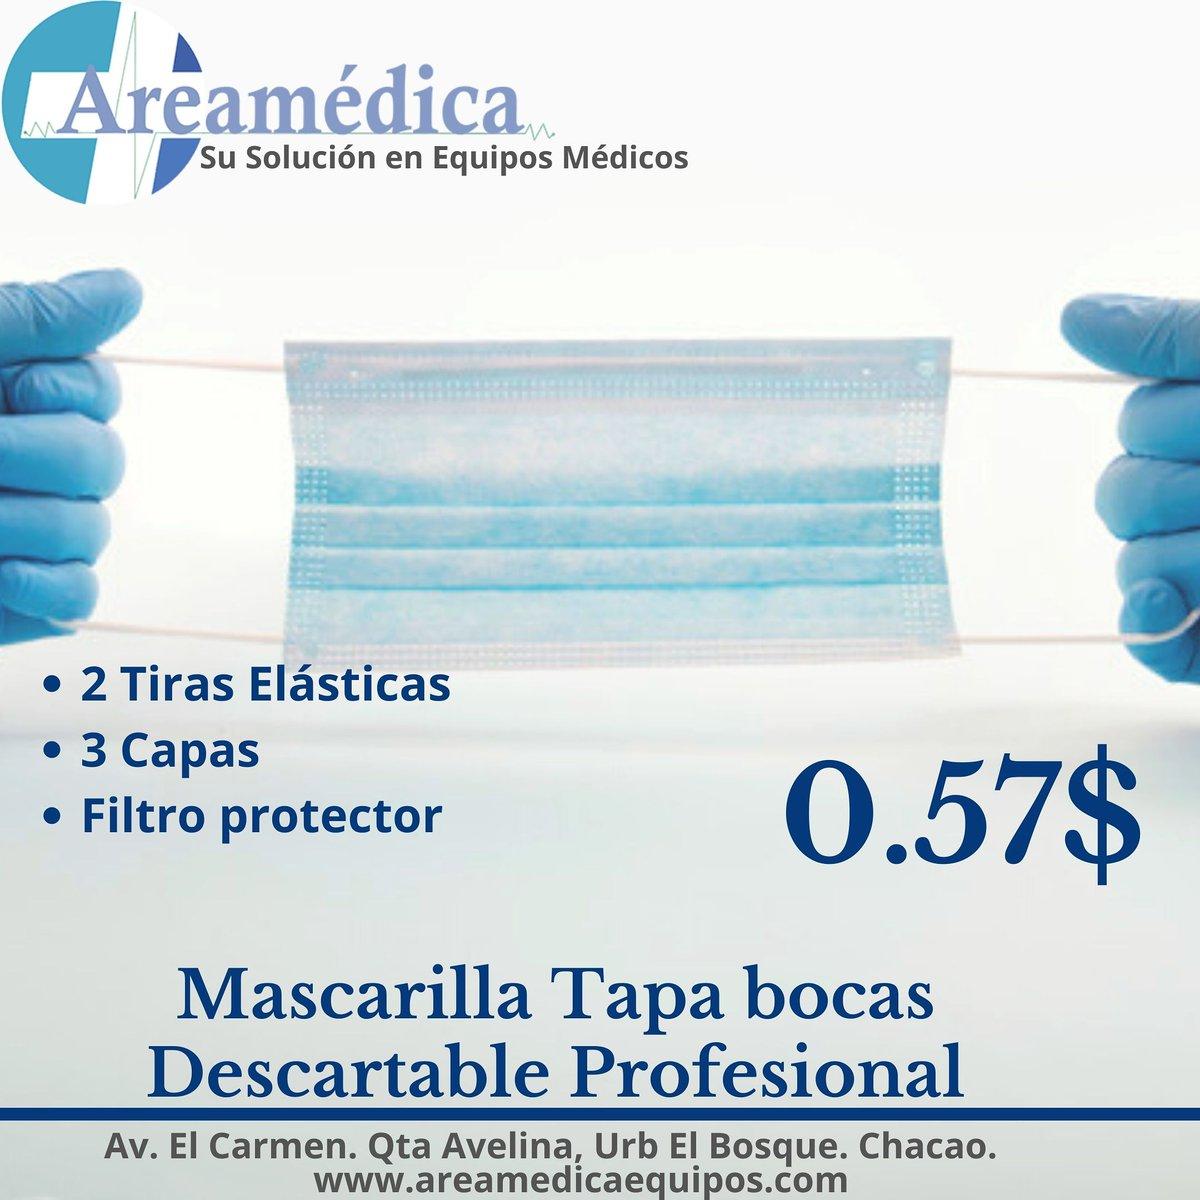 🔹🔹🔹 Mascarilla Descartable Profesional 🔹🔹🔹. . ⚕️ Excelente barrera de protección frente a patógenos externos.  #AreaMedica su solución en equipos médicos. . . . #equiposmedicos #medicina #mascarilla #follow #tapaboca #salud #prevencion #medicinavzla #virus https://t.co/Nh11vc1xTm